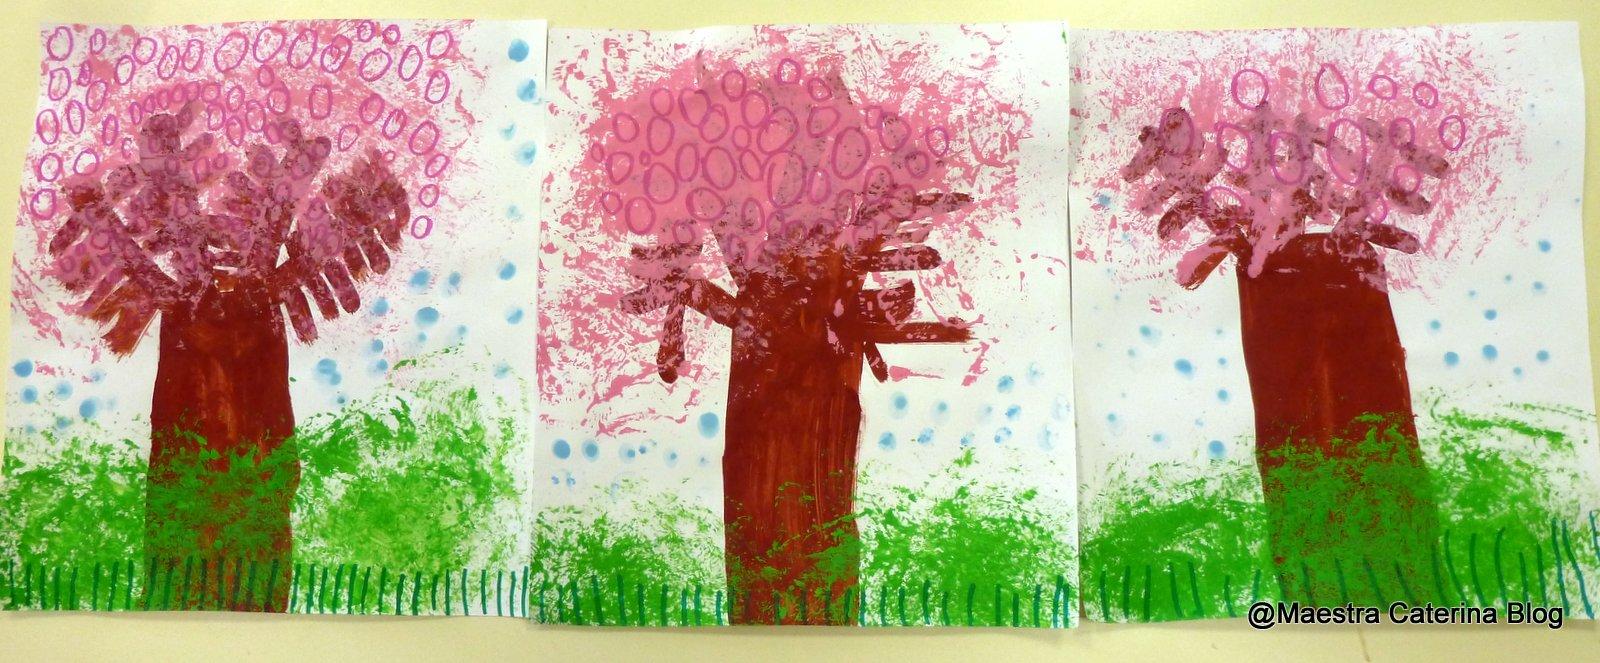 Maestra Caterina Primavera Alberi Di Pesco In Fiore